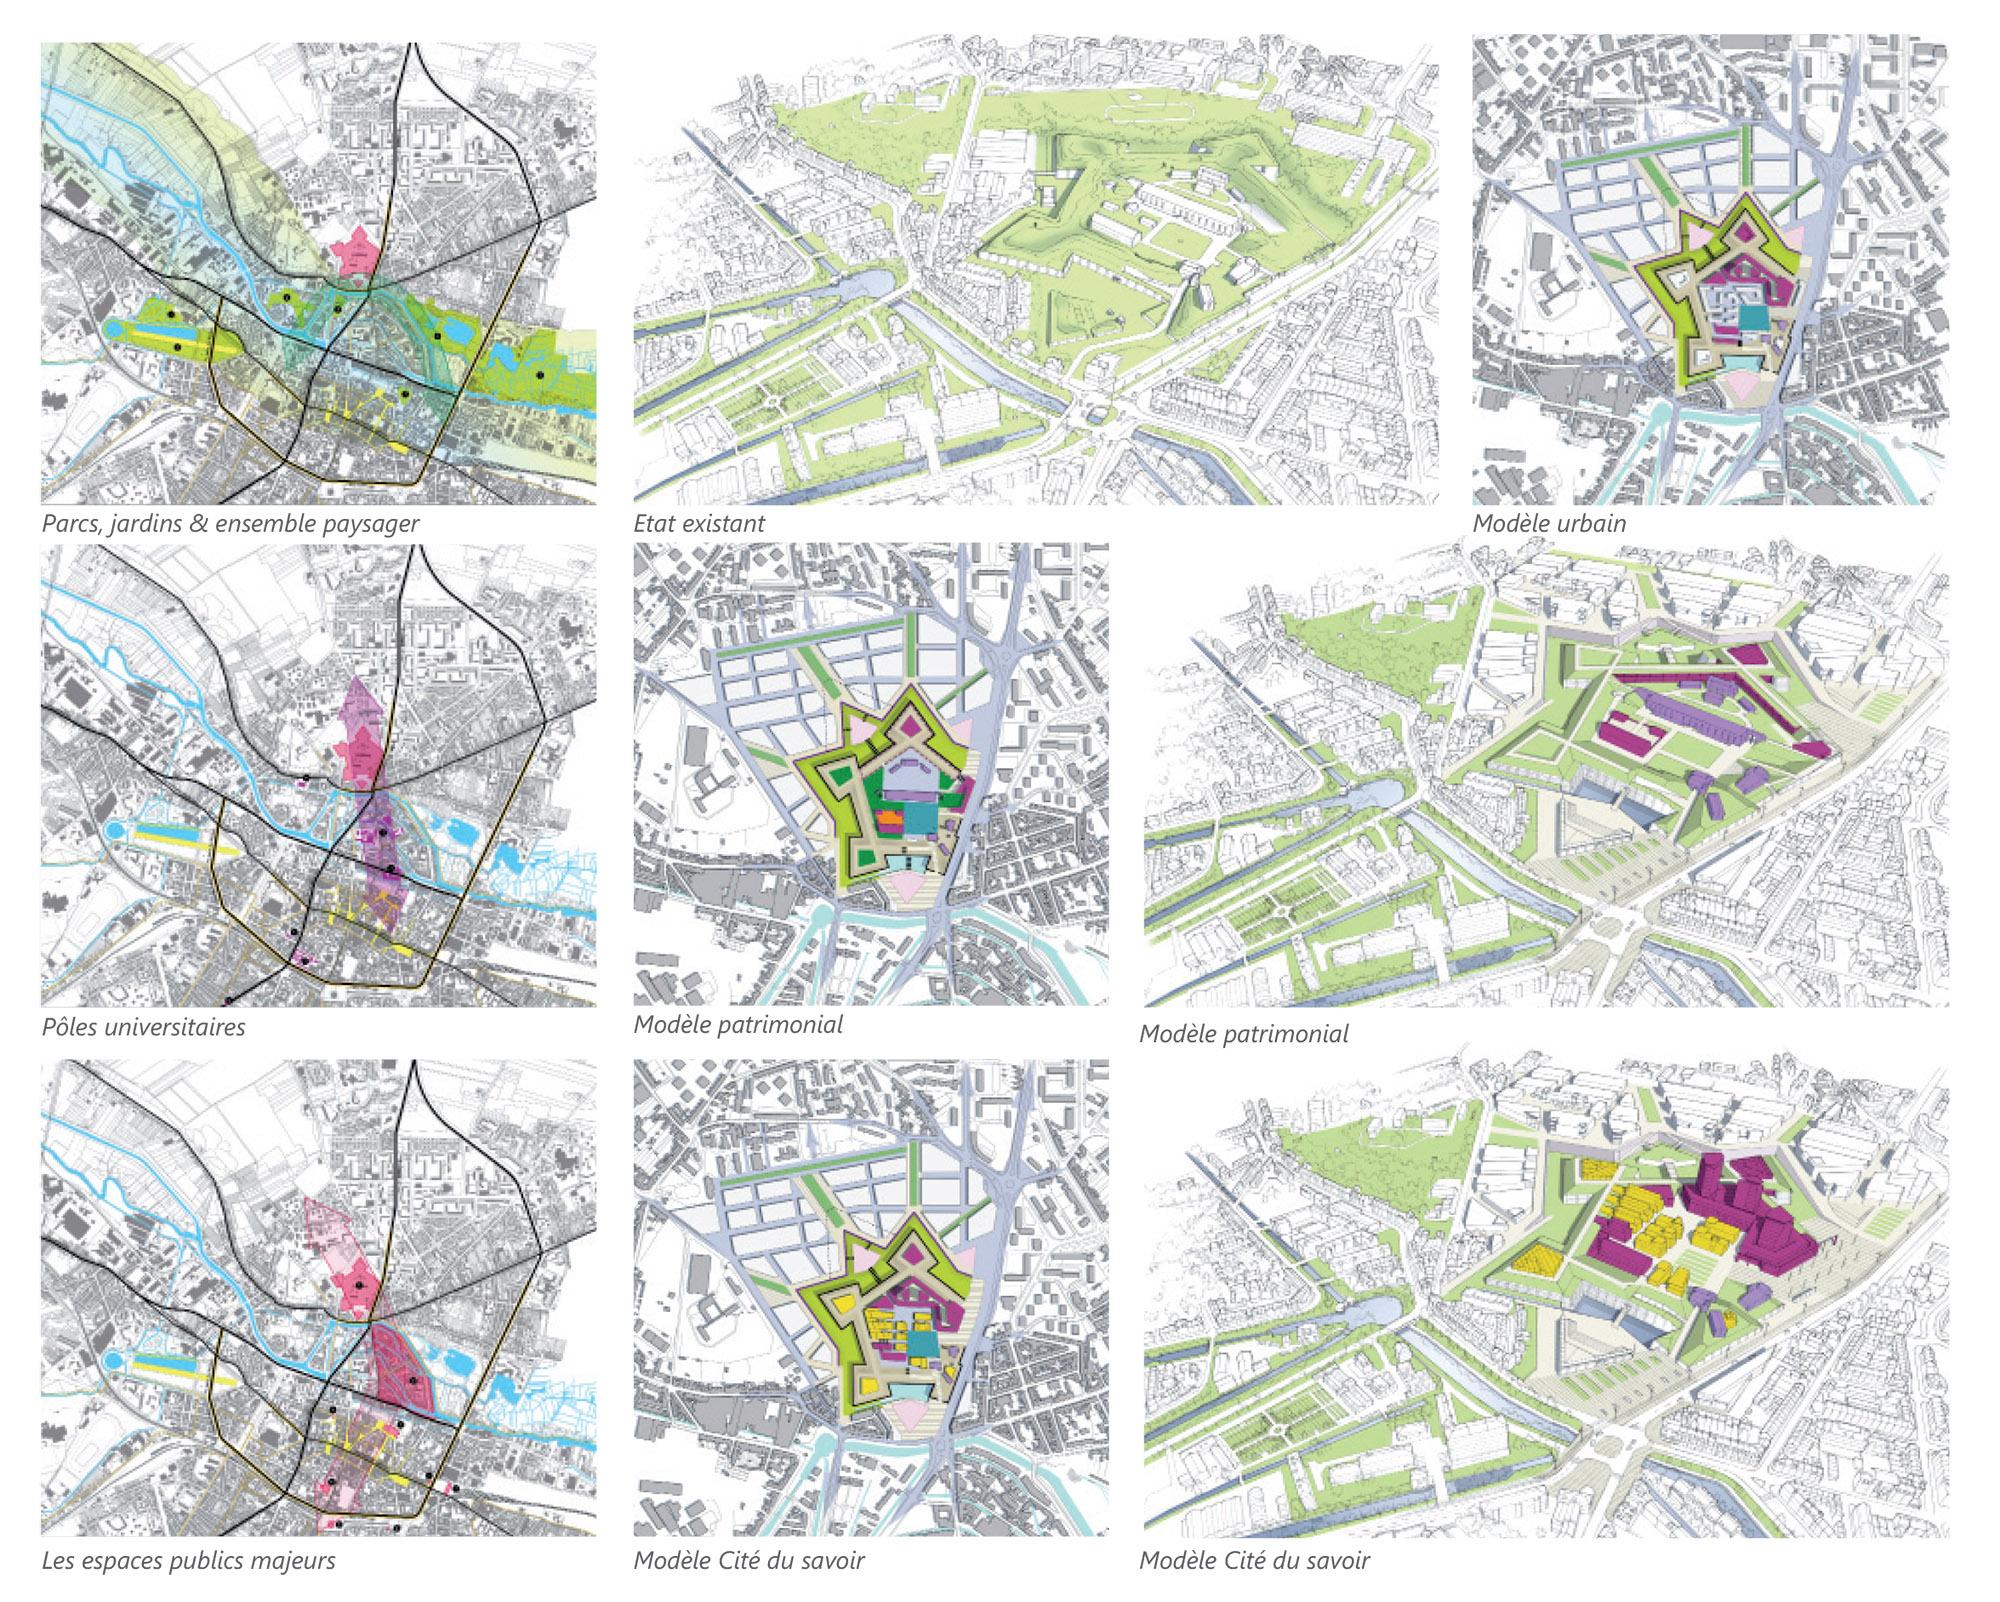 Analyse urbaine, état existant et les modèles de développement patrimoniaux et Cité du Savoir